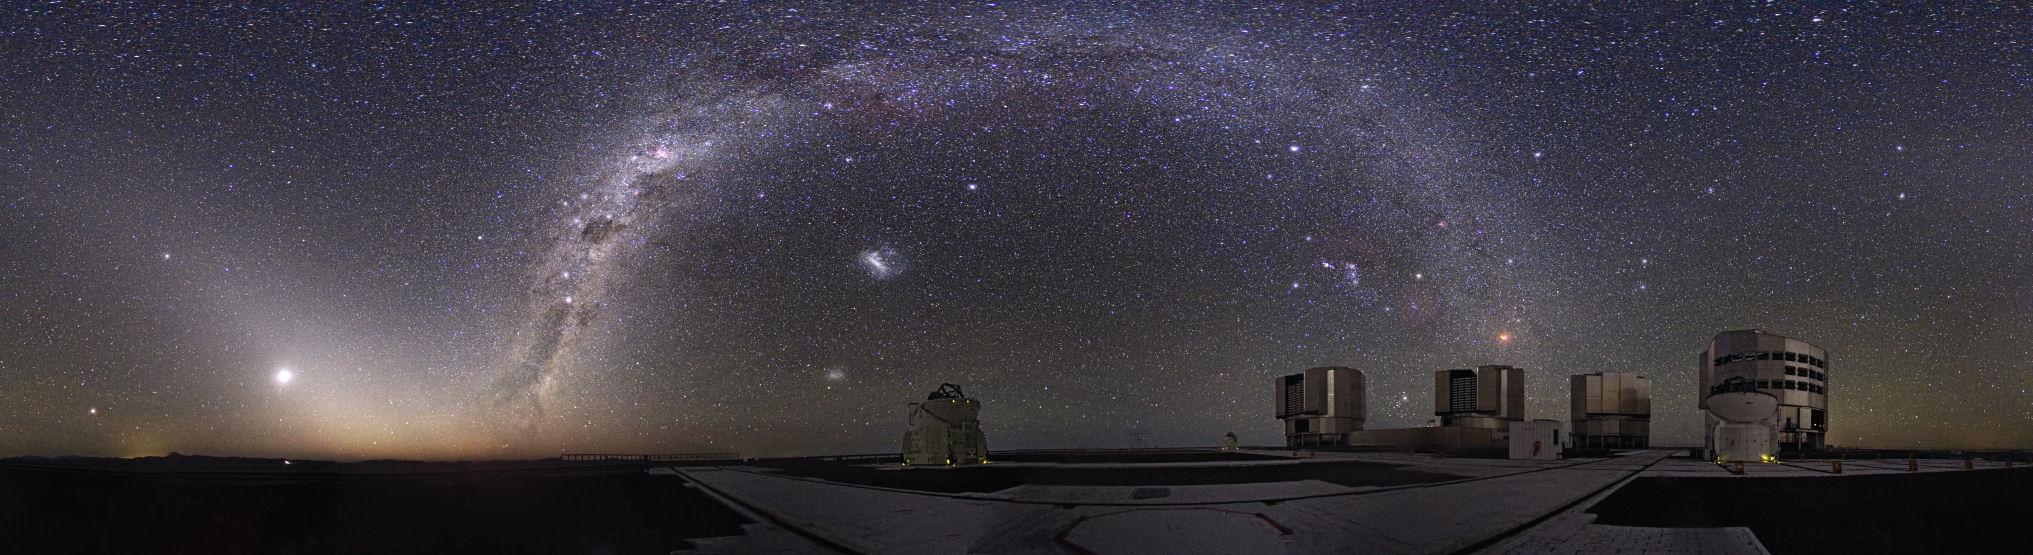 Paranal Observatory частью которой является телескоп VISTA